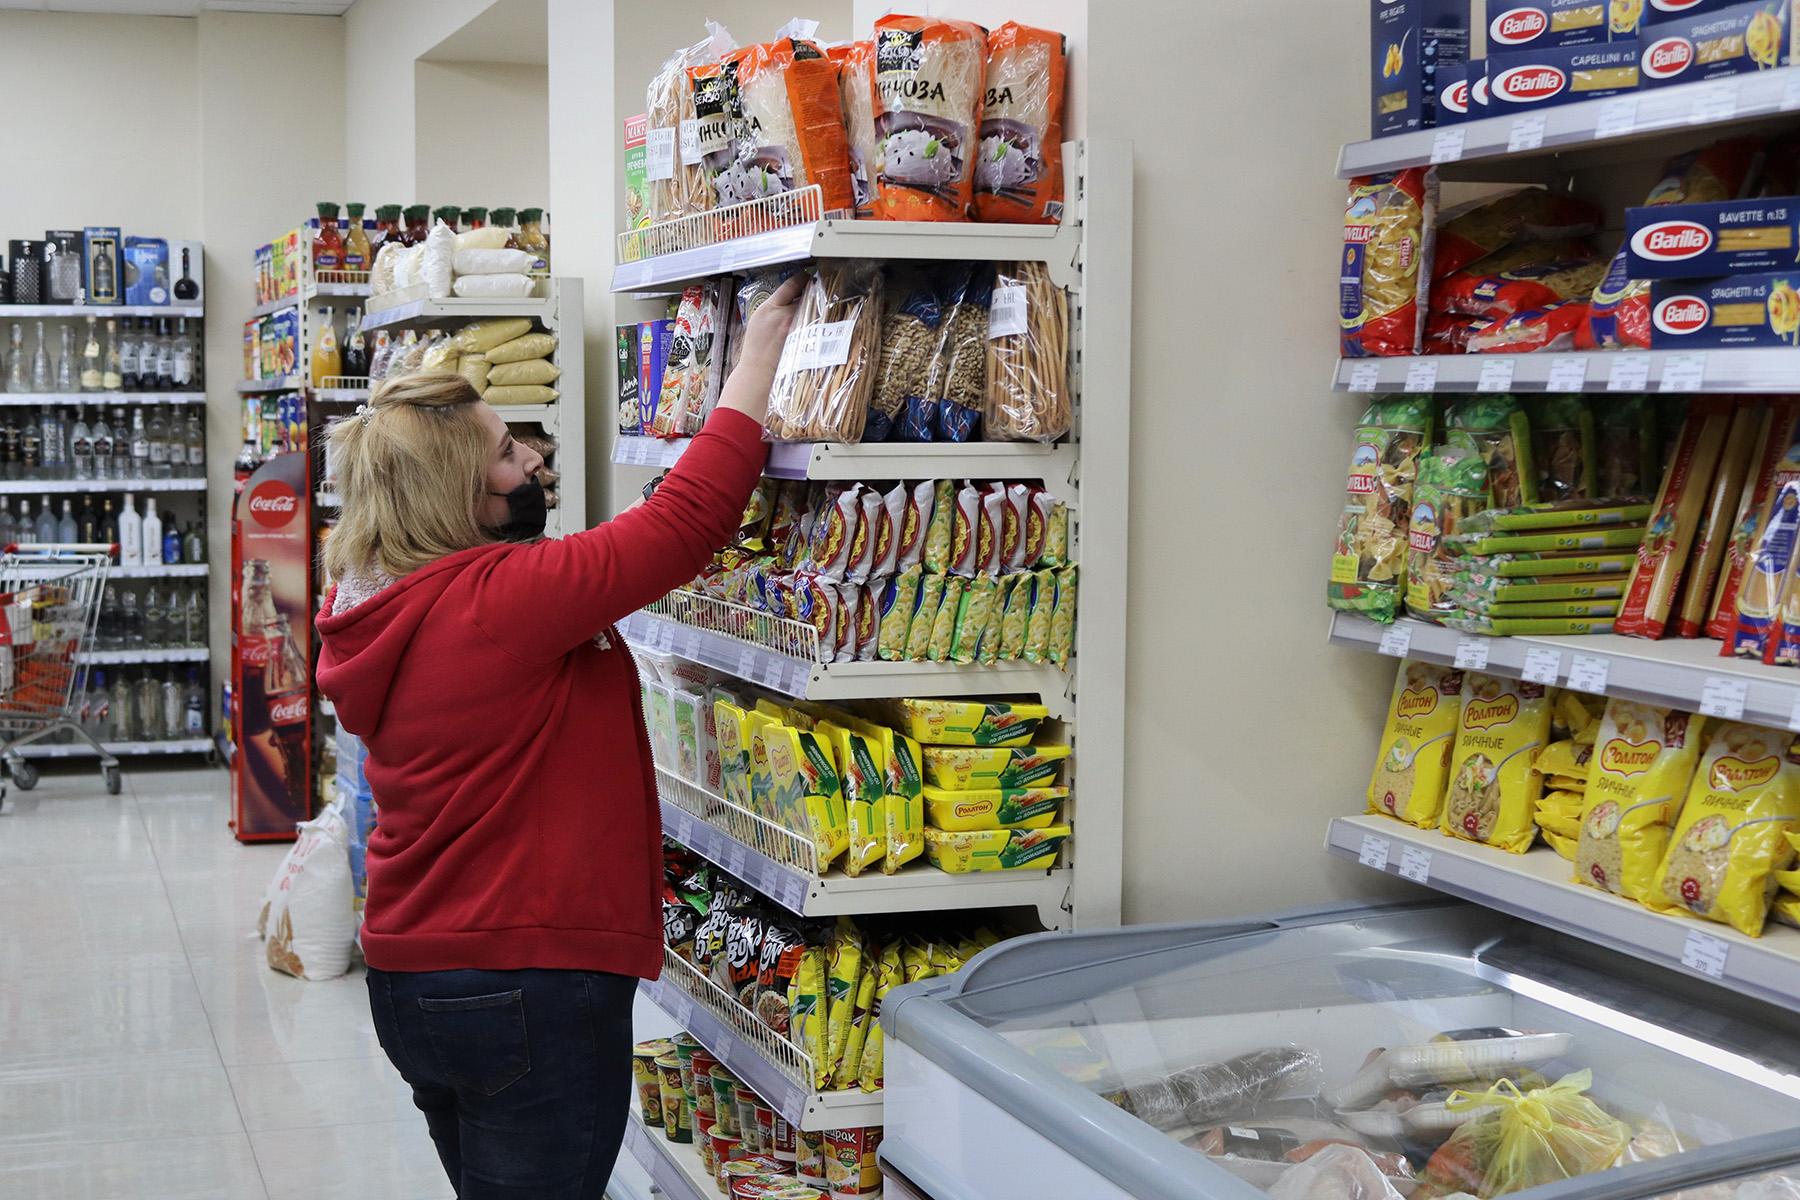 Супермаркет в Гюмри. Фото: Анаит Арутюнян/OC Media.